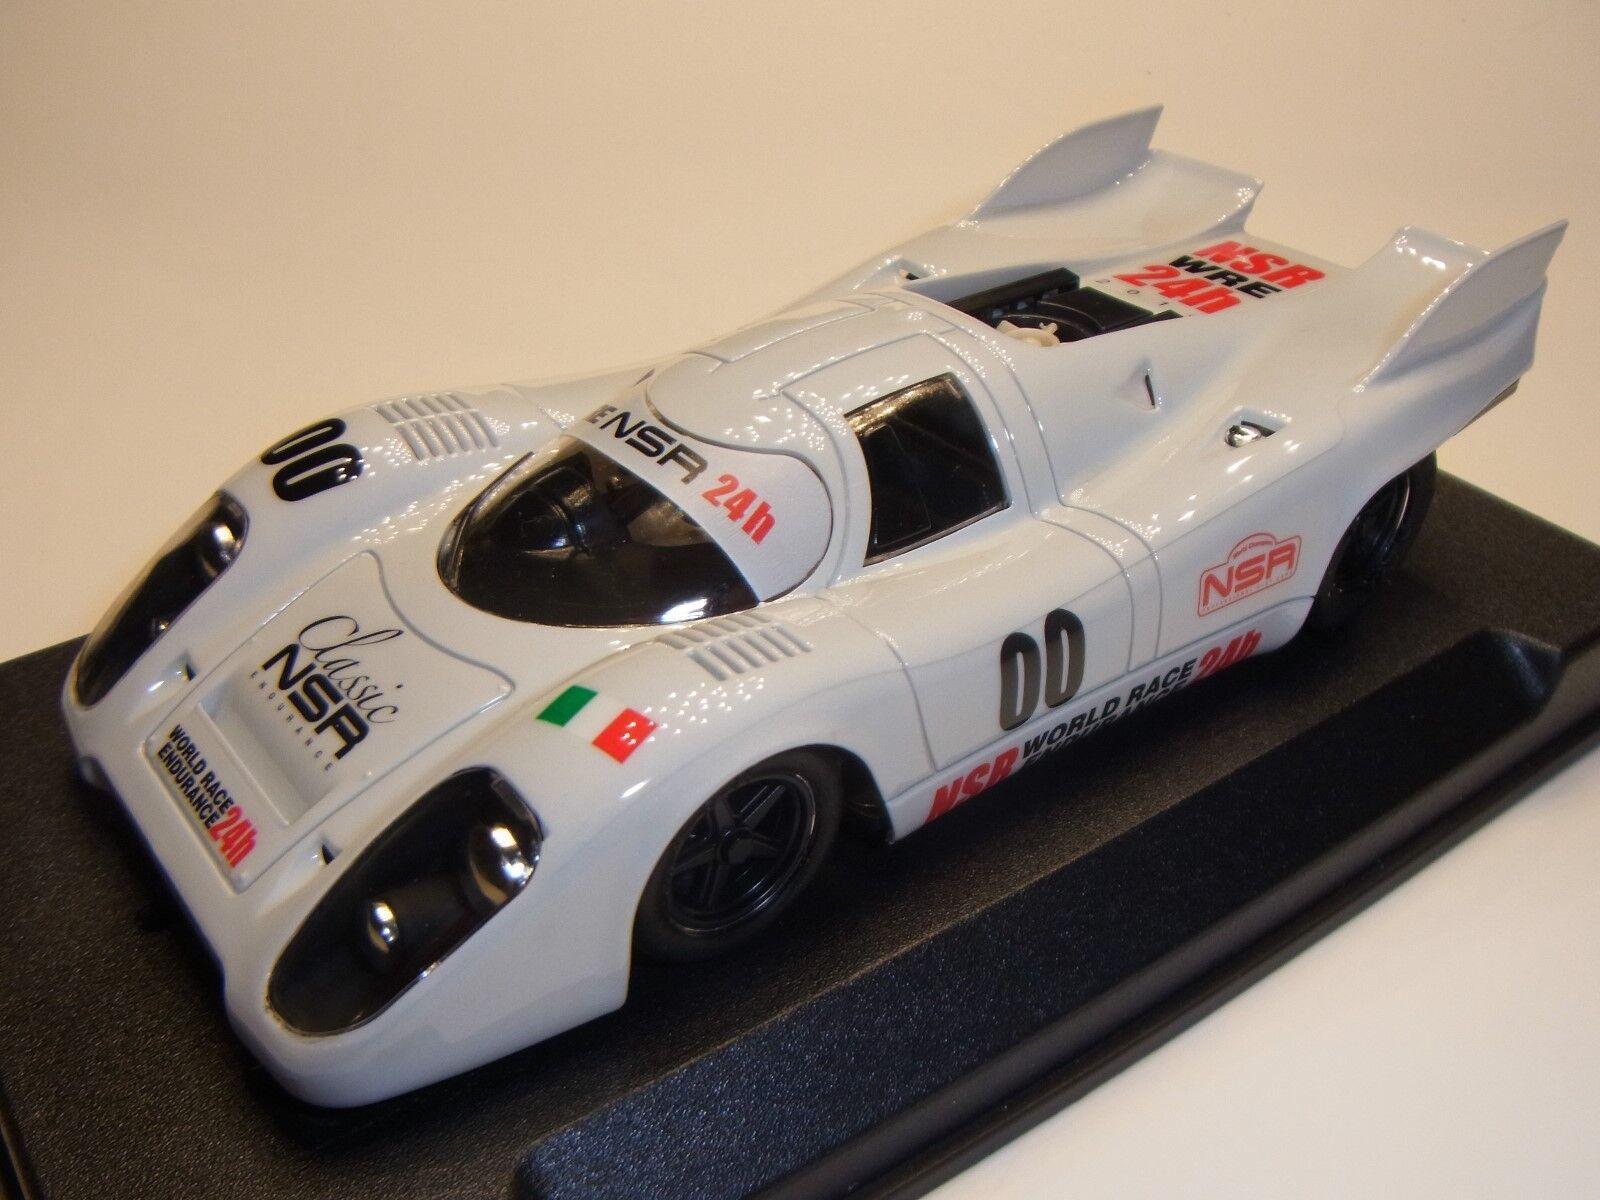 NSR Porsche 917 917 917 WRE 24h 2014 pour circuit de course automobile 1:32 b32f8b